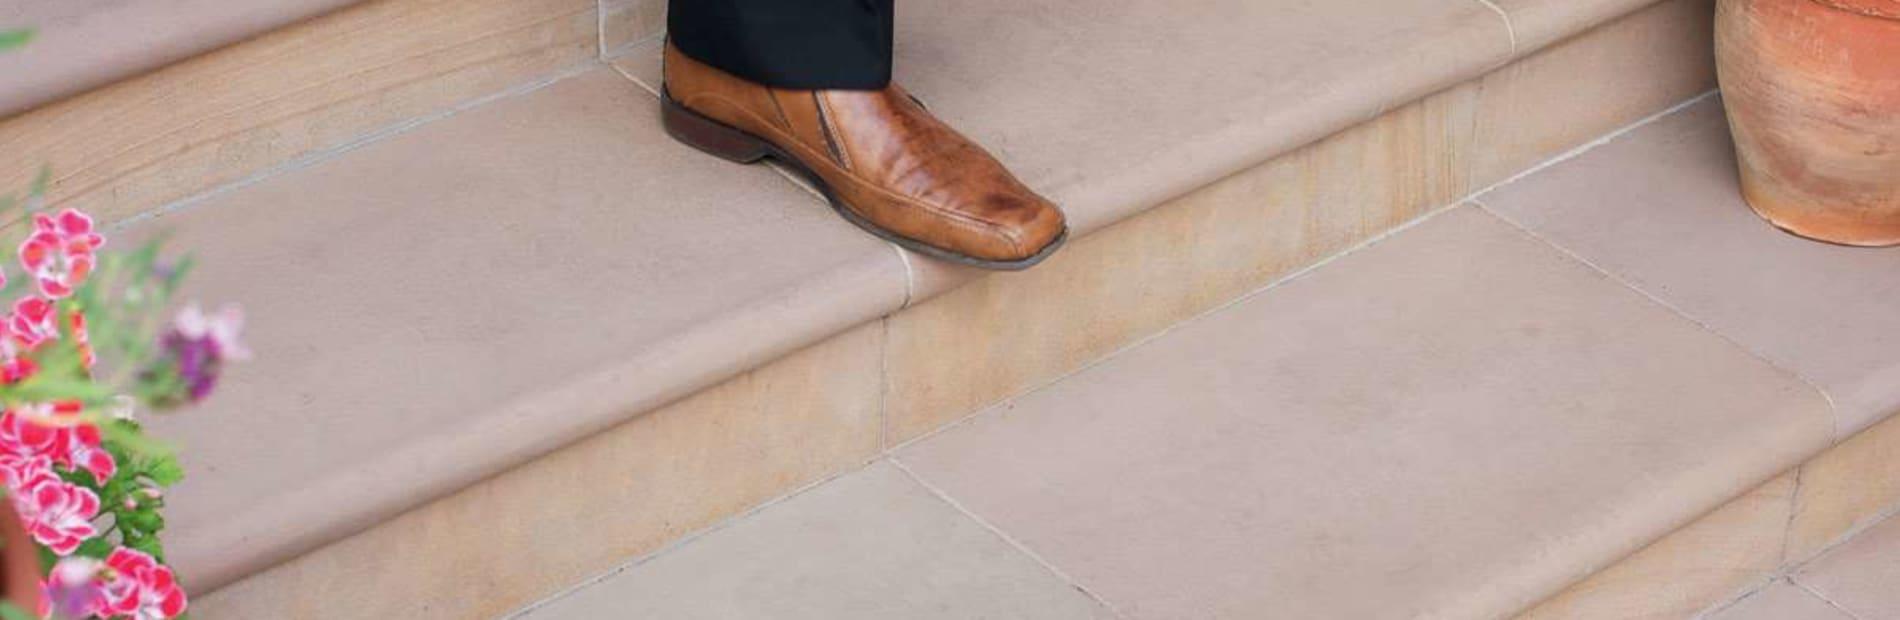 Fairstone Sawn Versuro® Steps hero image